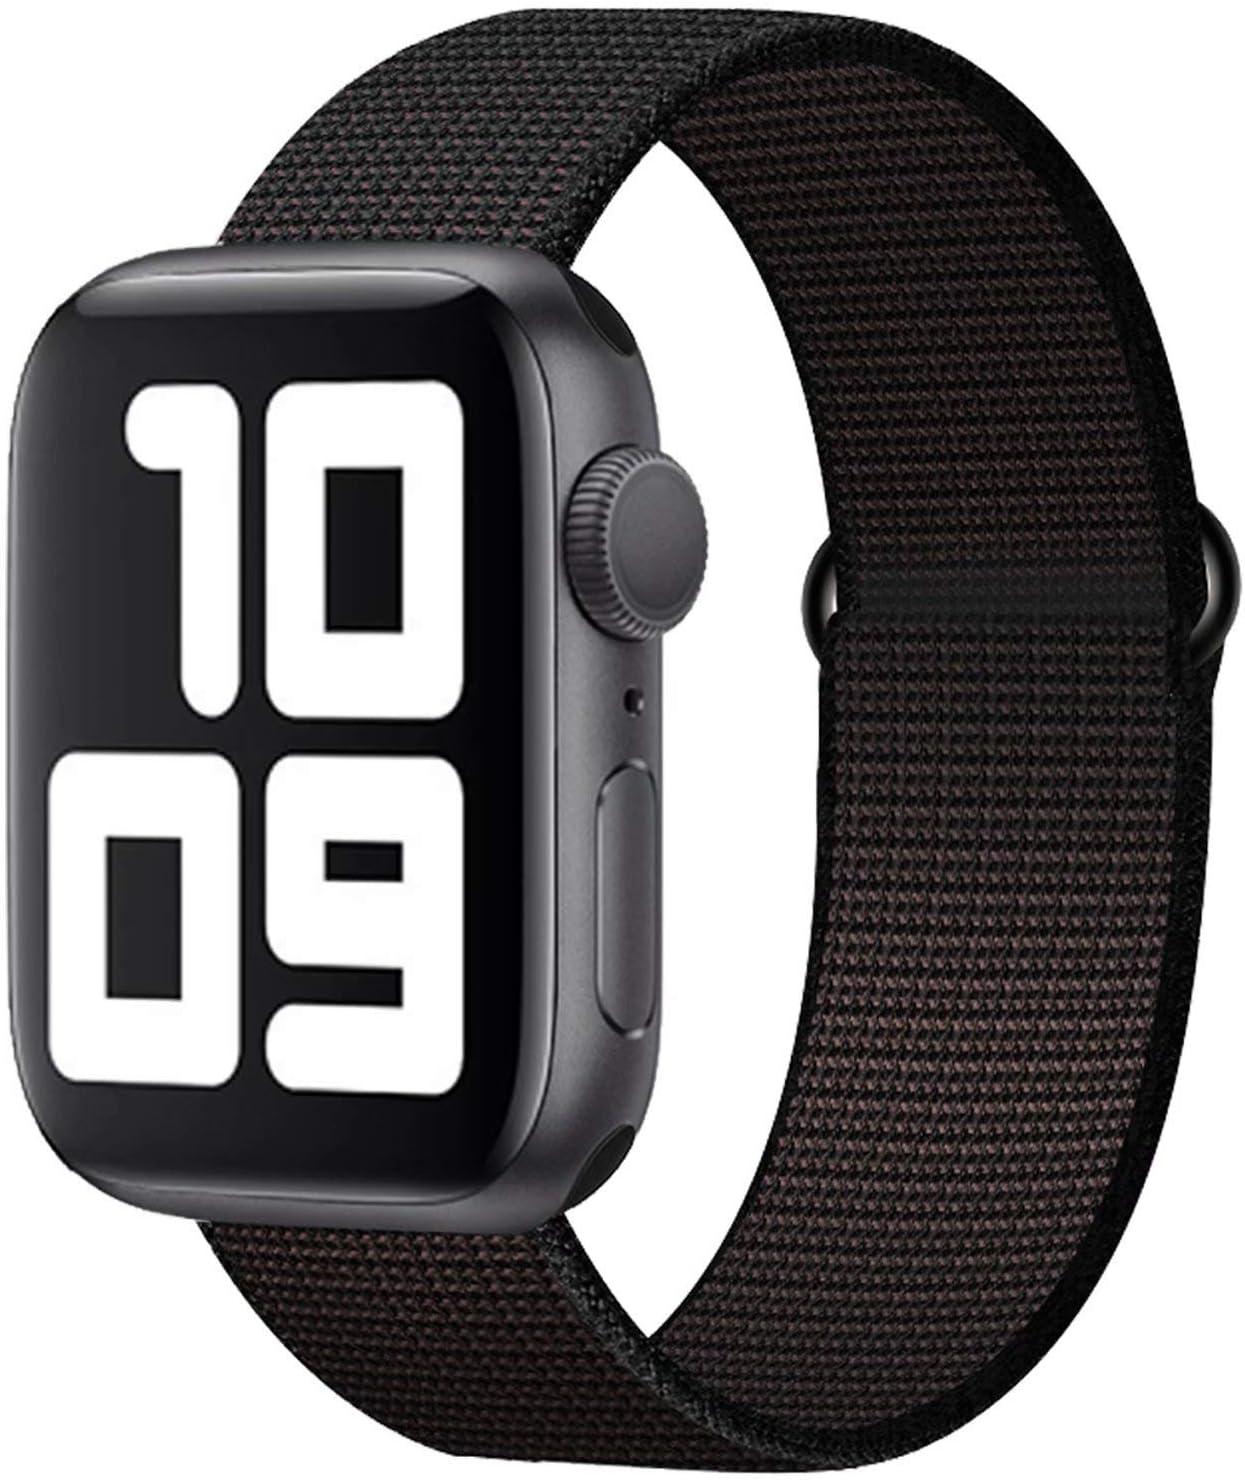 SSEIHI Correa Compatible con Dispositivos Apple Watch 38mm 40mm 42mm 44mm, Correa de Nylon Deportiva Suave de Repuesto Compatible Iwatch Series 5,Series 4,Series 3,Series 2,Series 1